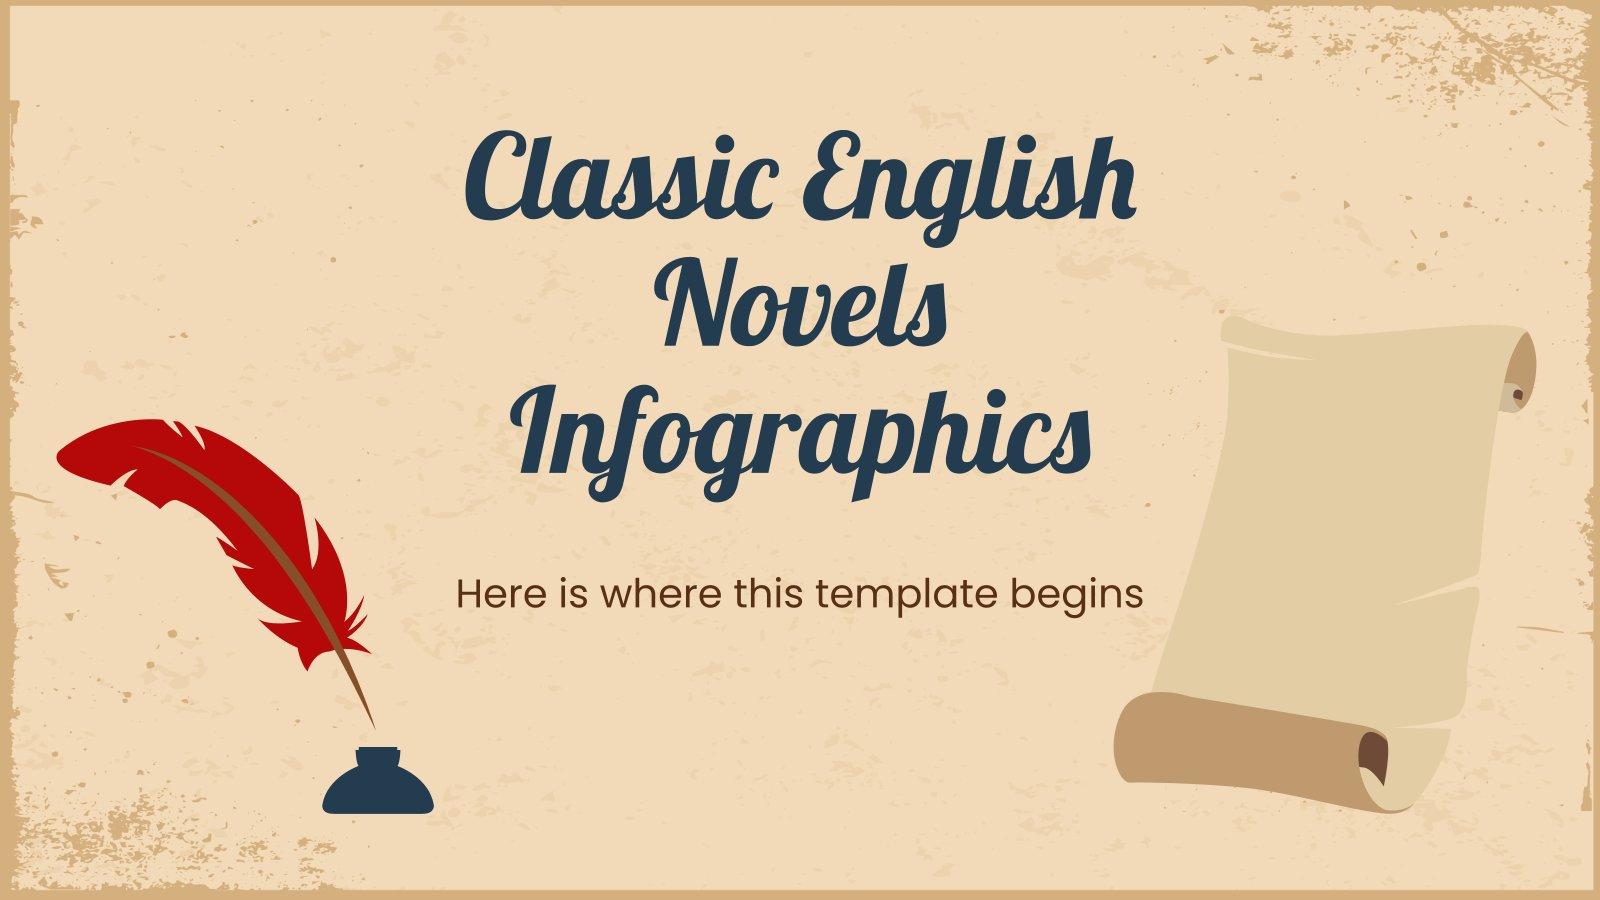 Modelo de apresentação Infográficos de romances clássicos ingleses